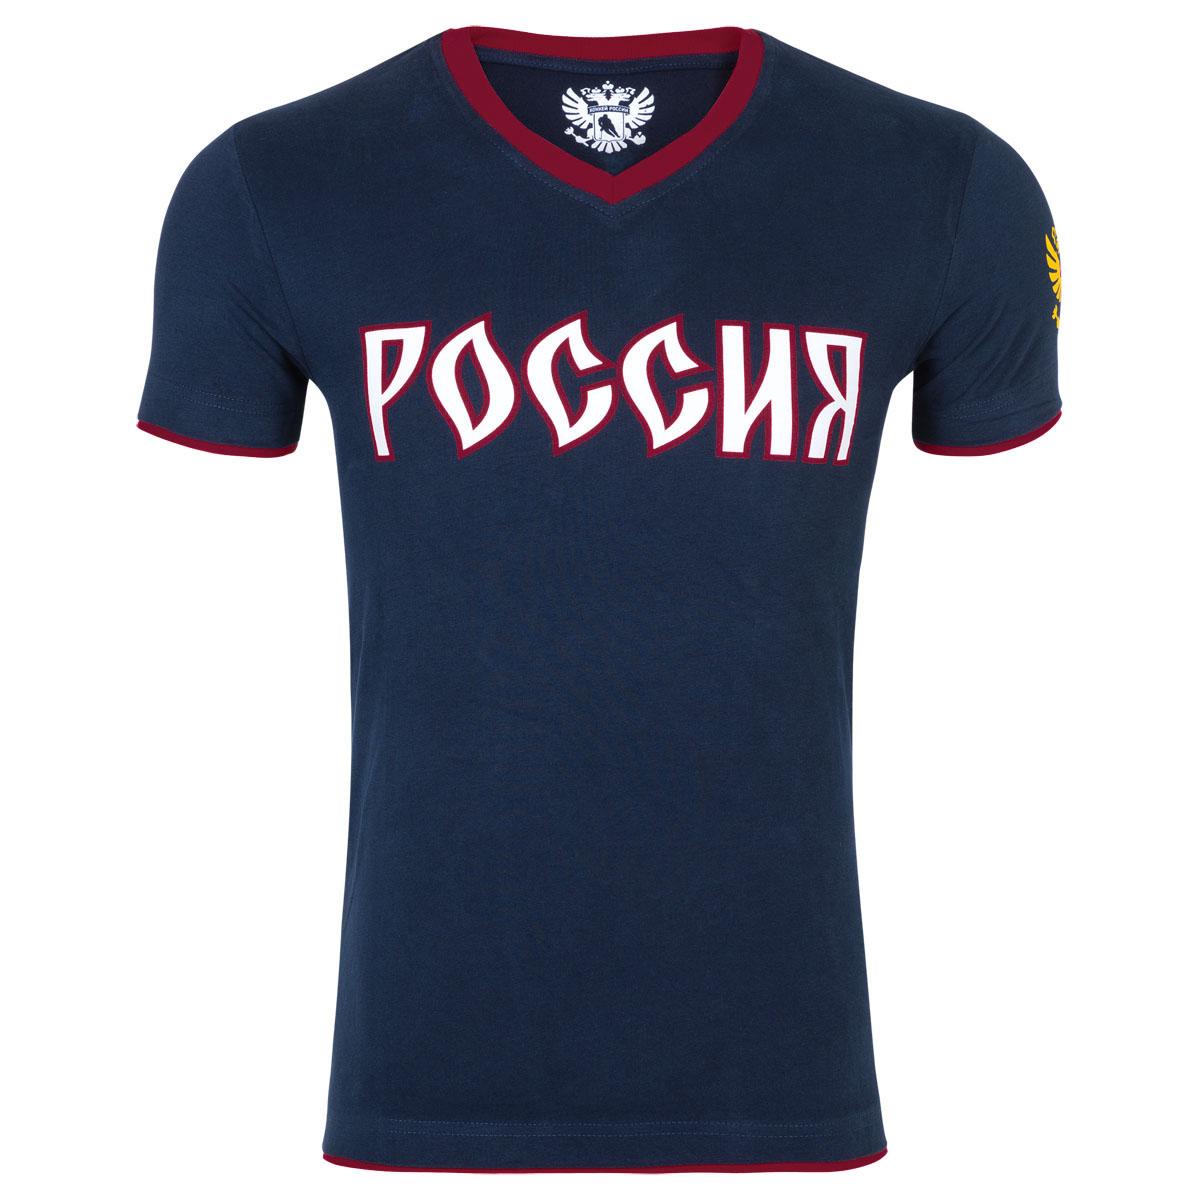 Футболка с логотипом ХК65160044Женская футболка Красная Машина Россия изготовлена из натурального хлопка. Модель с V-образным вырезом горловины и короткими рукавами оформлена спереди надписью, на рукаве - символикой российского хоккея. Вырез горловины, края рукавов и низ изделия дополнены контрастными вставками.